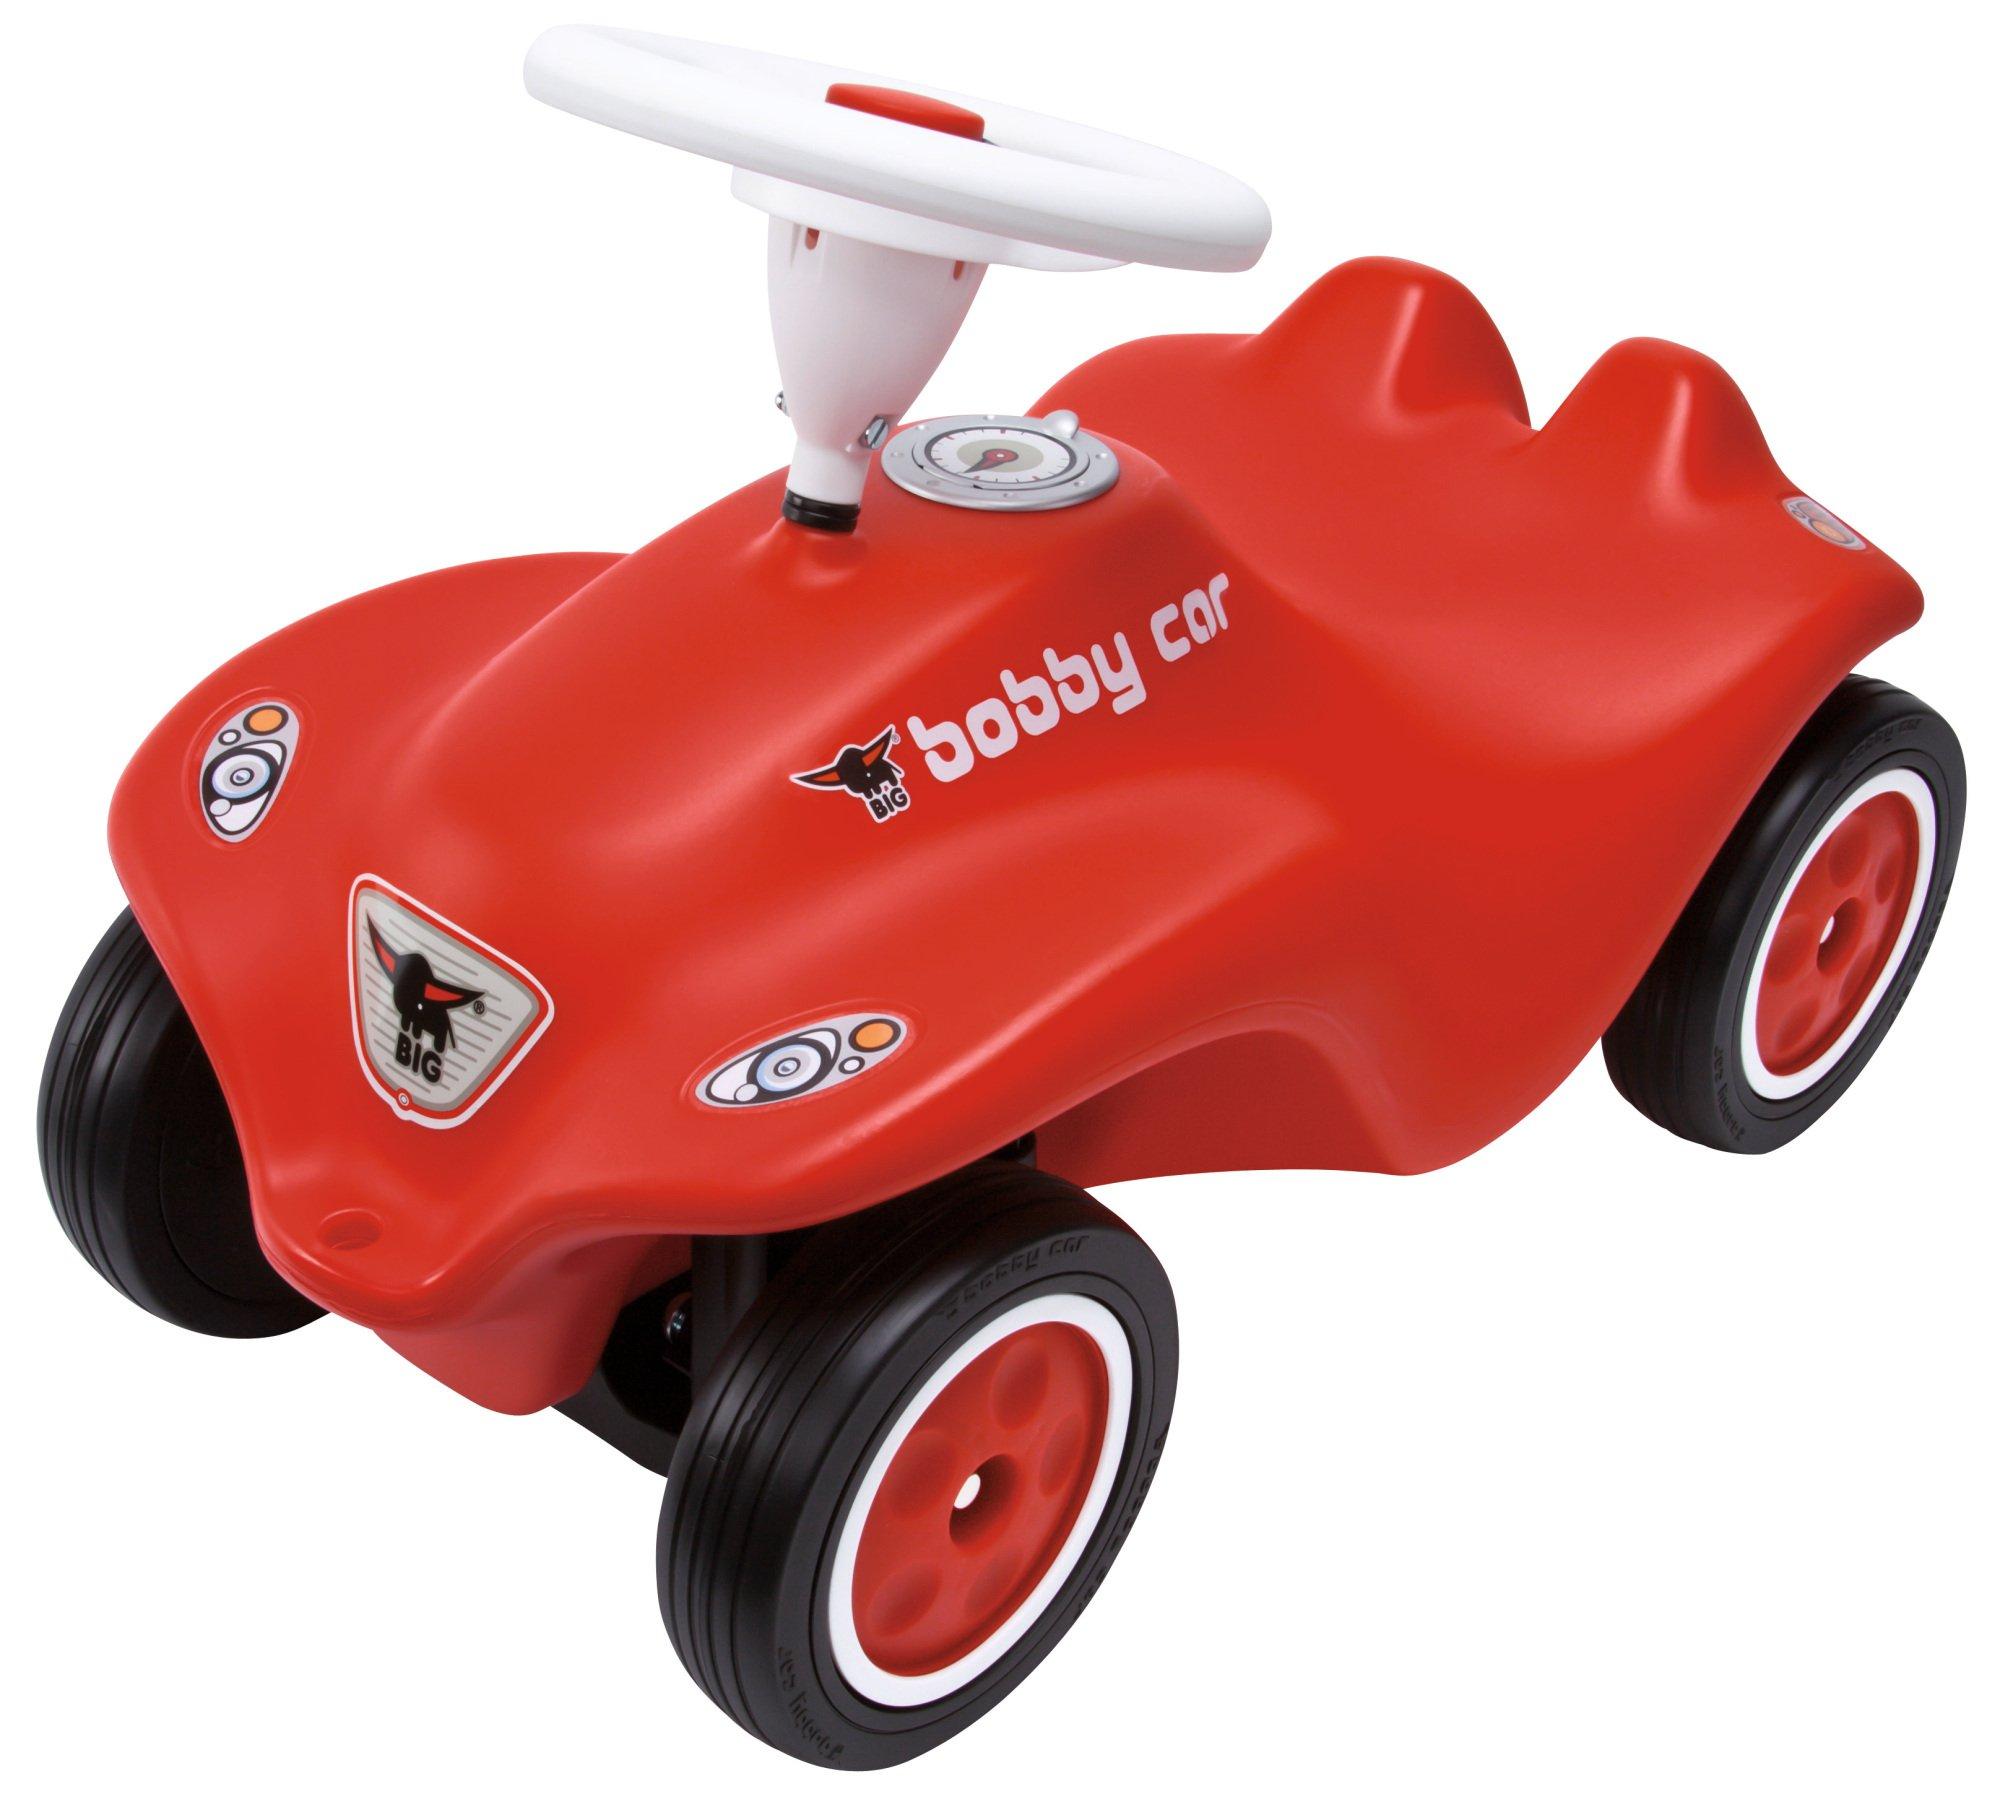 Bobby Caddy Car Anhänger Sinnvoll Big 56292 Rot